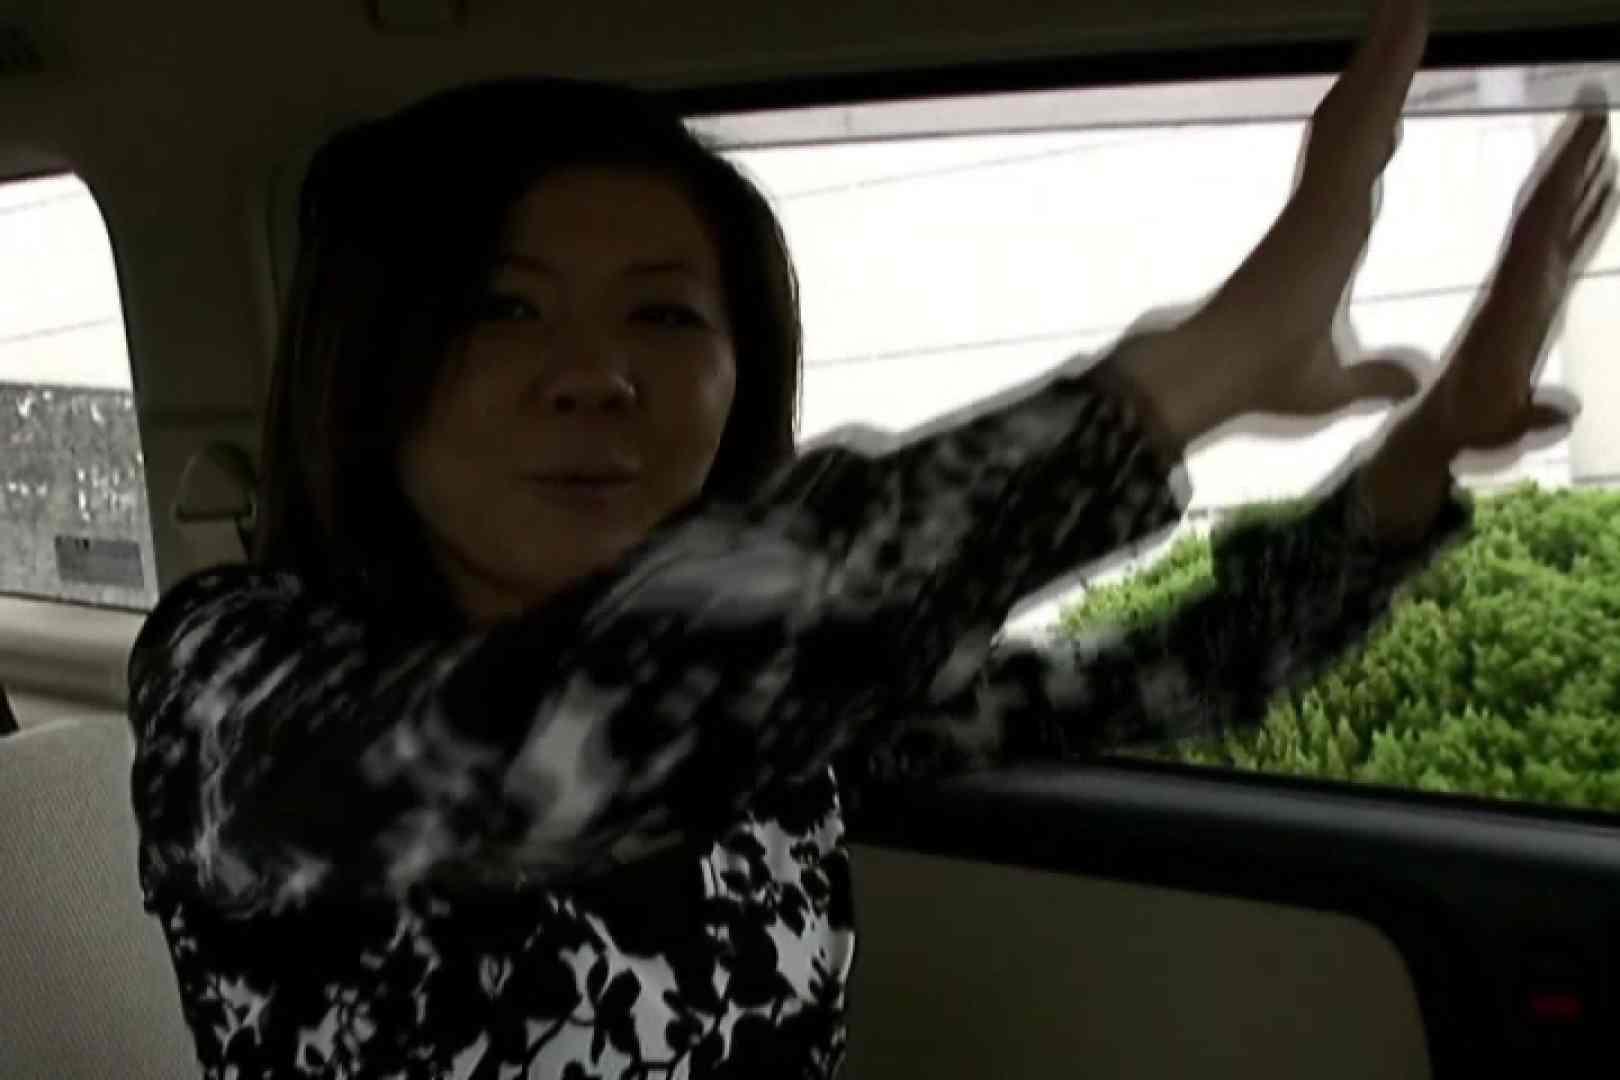 素人ナンパ本番撮り!出会い系でGET!Vol.13 ナンパ SEX無修正画像 79枚 71